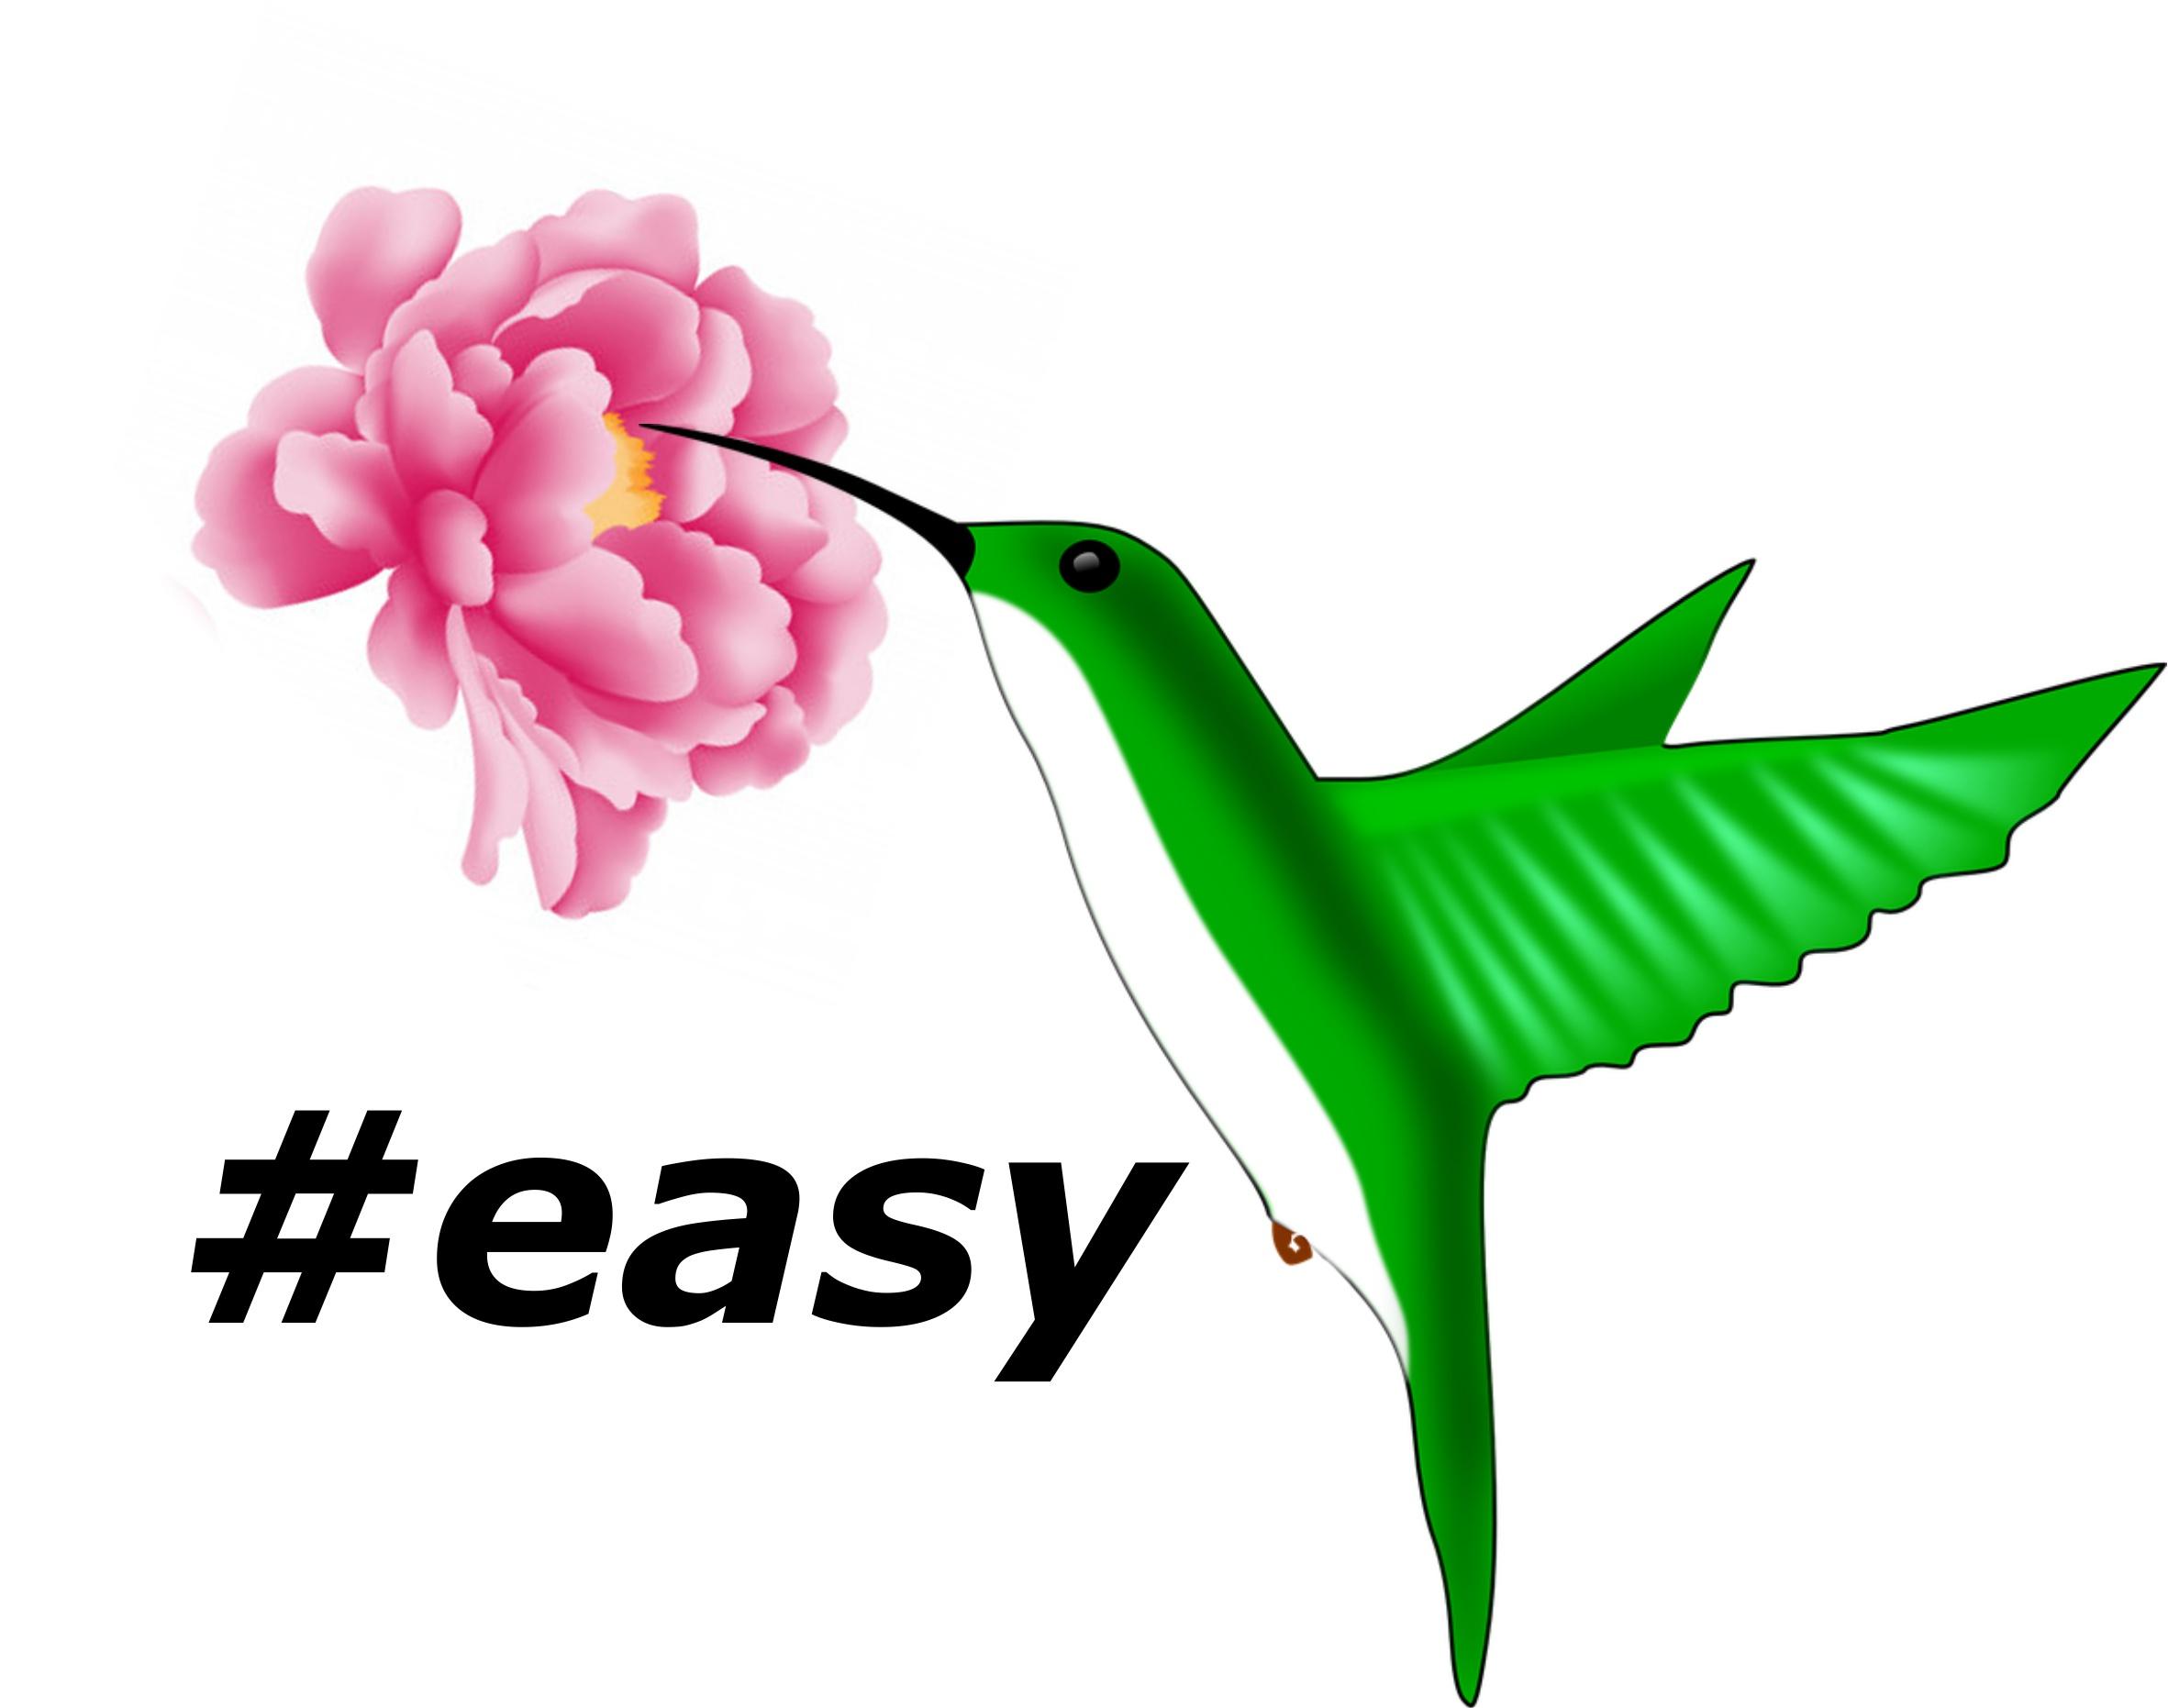 Разработка логотипа в виде хэштега #easy с зеленой колибри  фото f_6265d4eaf3cef166.jpg